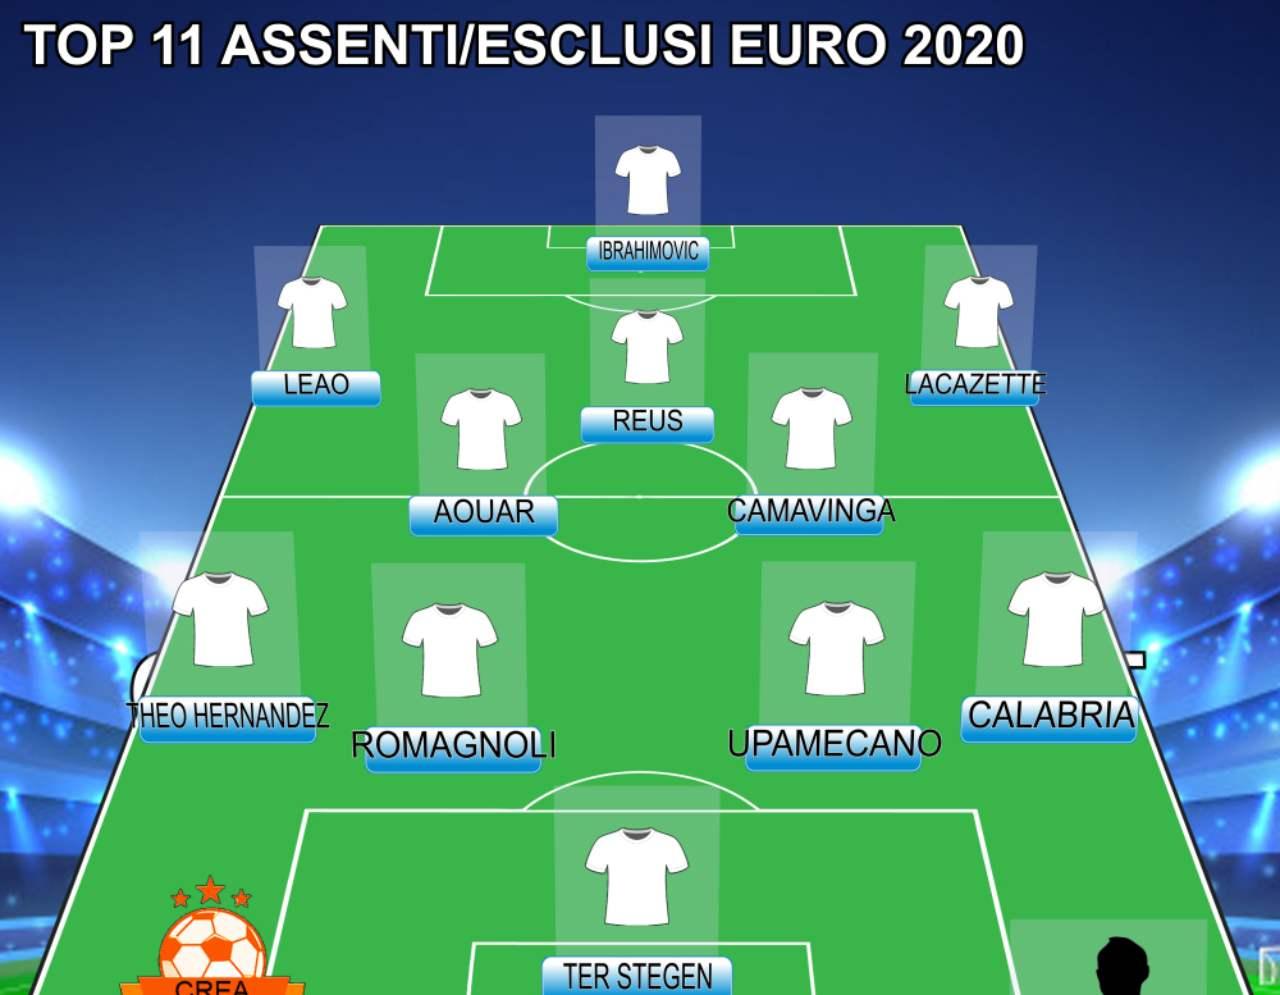 Euro 2020, da Theo Hernandez a Reus e Ibra | La Top 11 degli assenti!